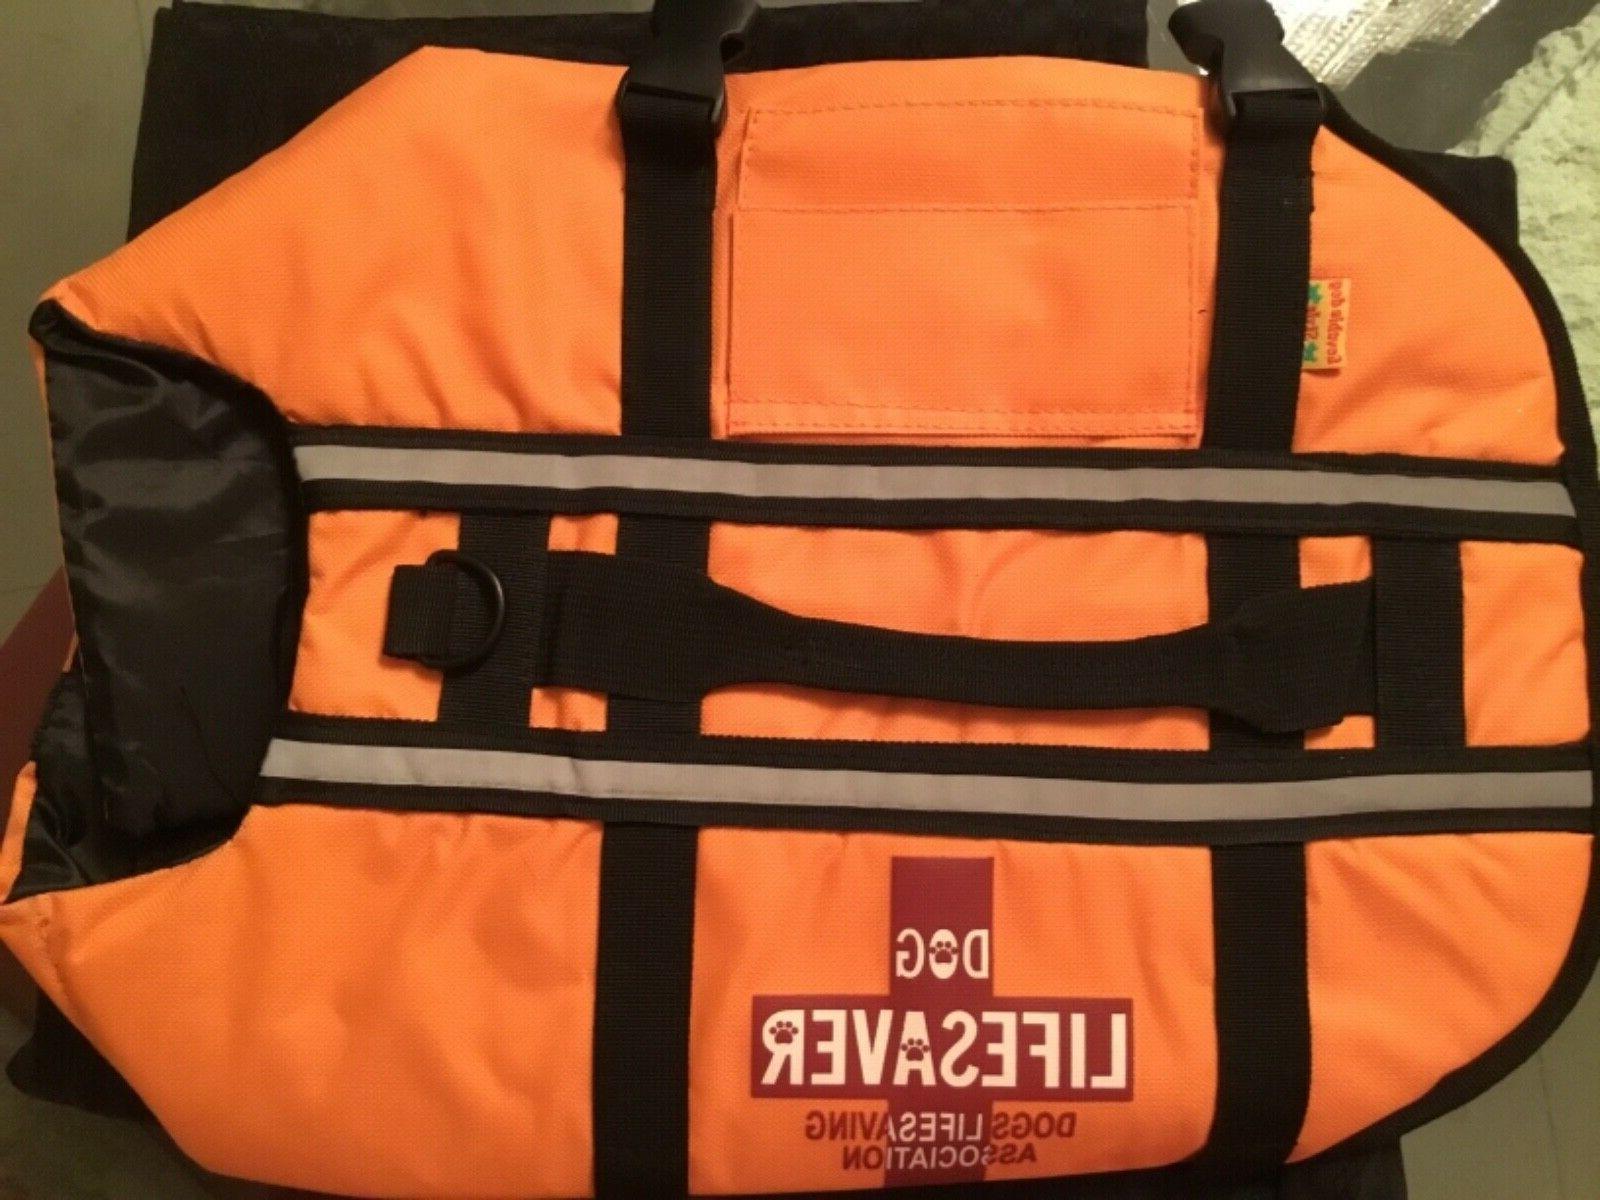 dog safety life jacket vest preserver keep